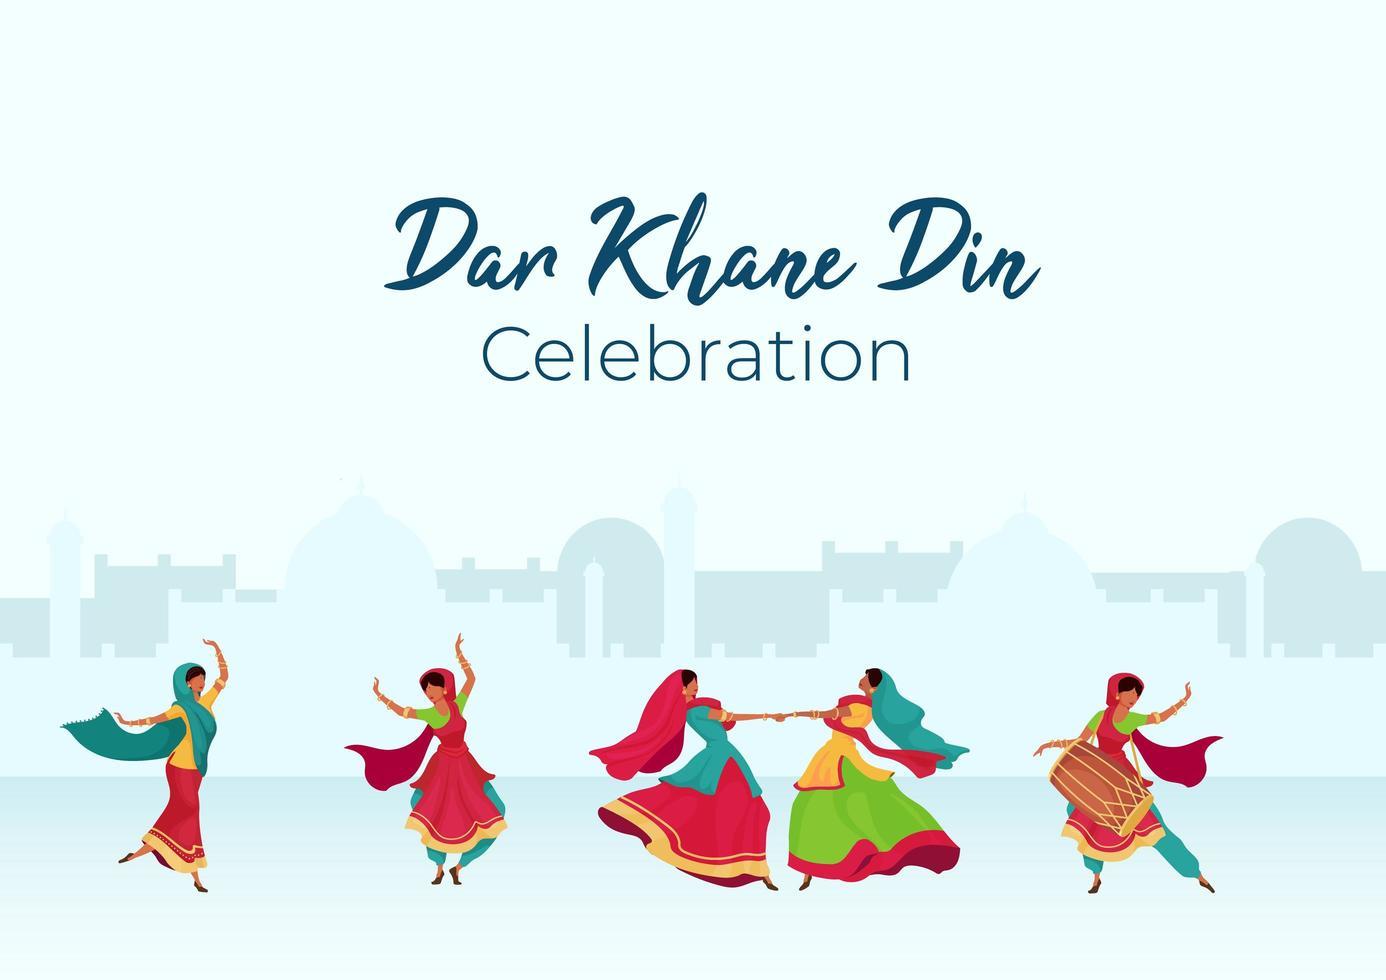 affiche de célébration de dar khane din vecteur